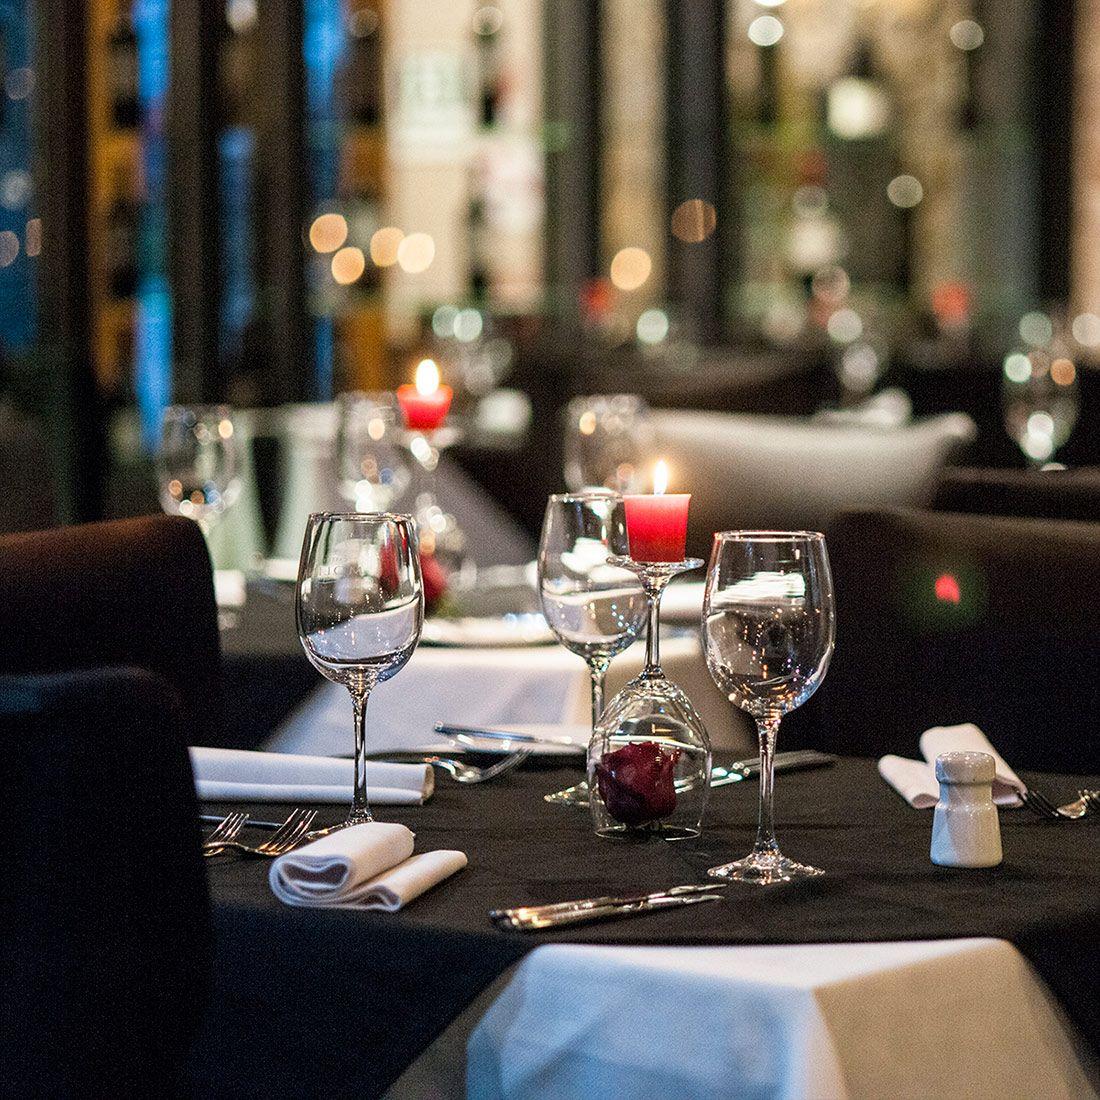 MARIANNE O RESTAURANTE Restaurante - Reserva en restaurantes de Comida CARNES - VITACURA - MESA 24/7 | SANTIAGO - Perú